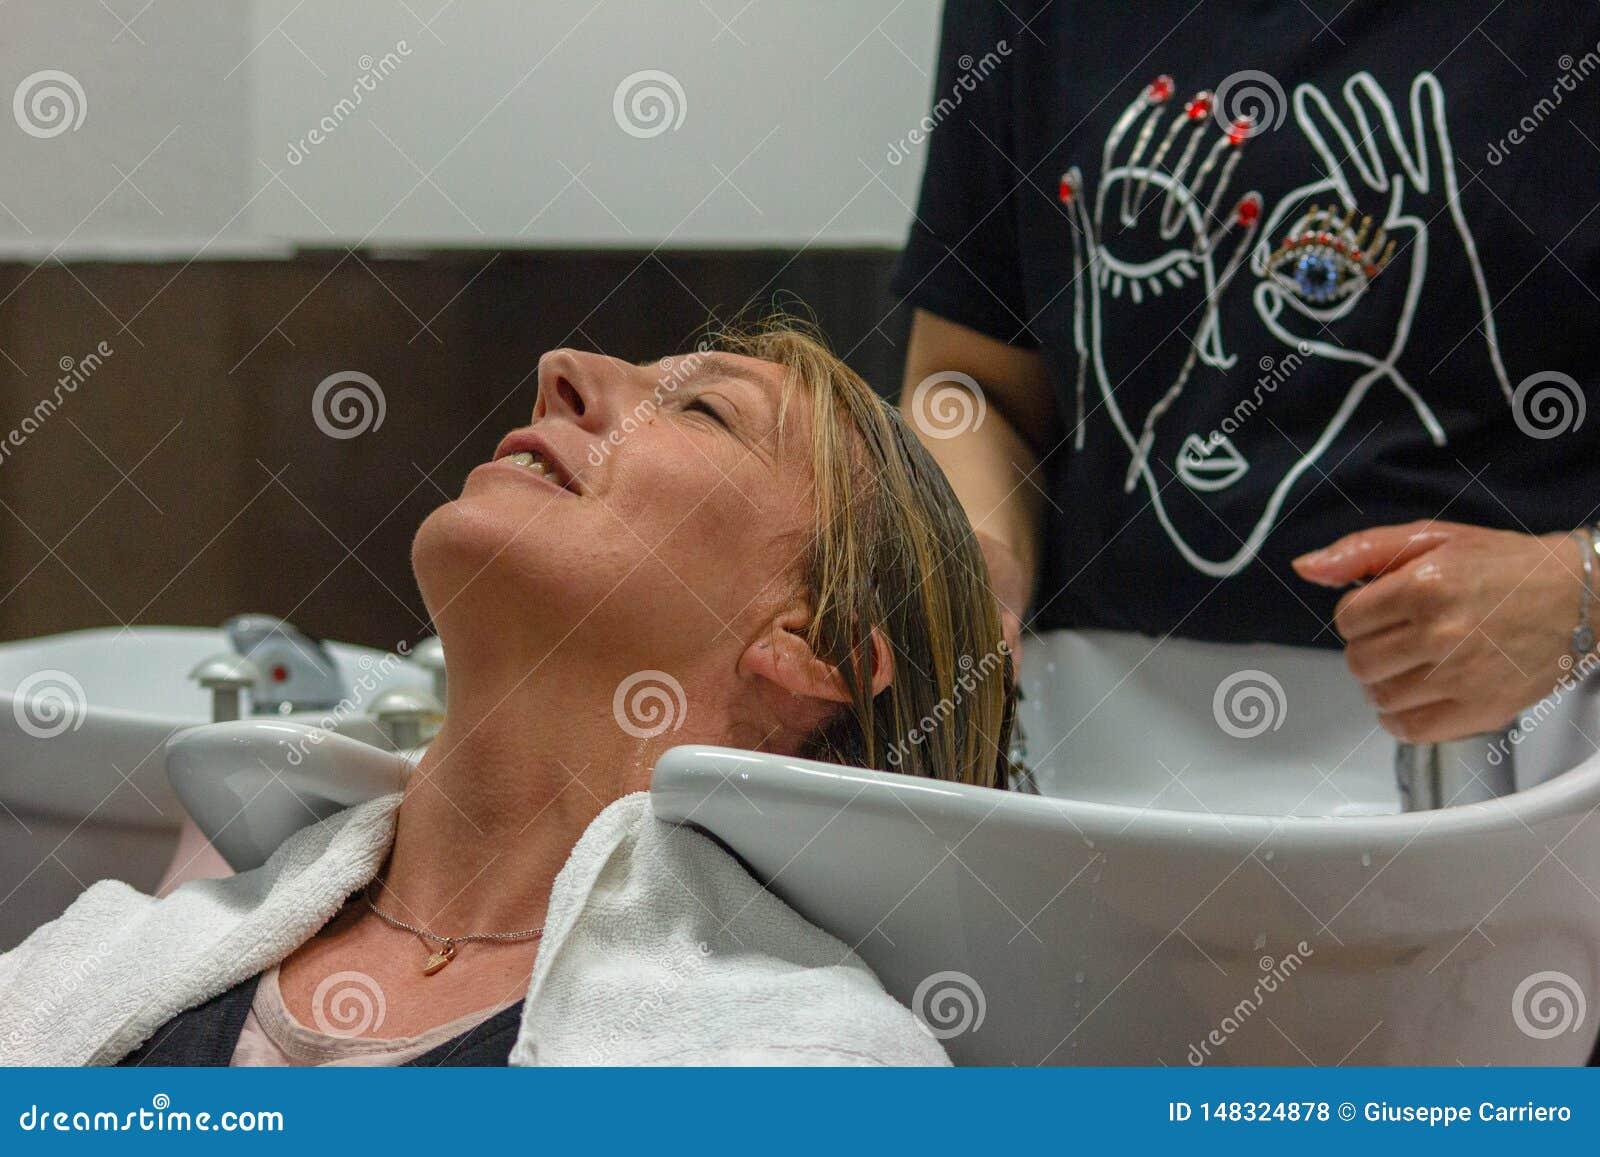 Detail van een woman& x27; s gezicht terwijl zij bij hairdresser& x27 is; s die haar haar doen